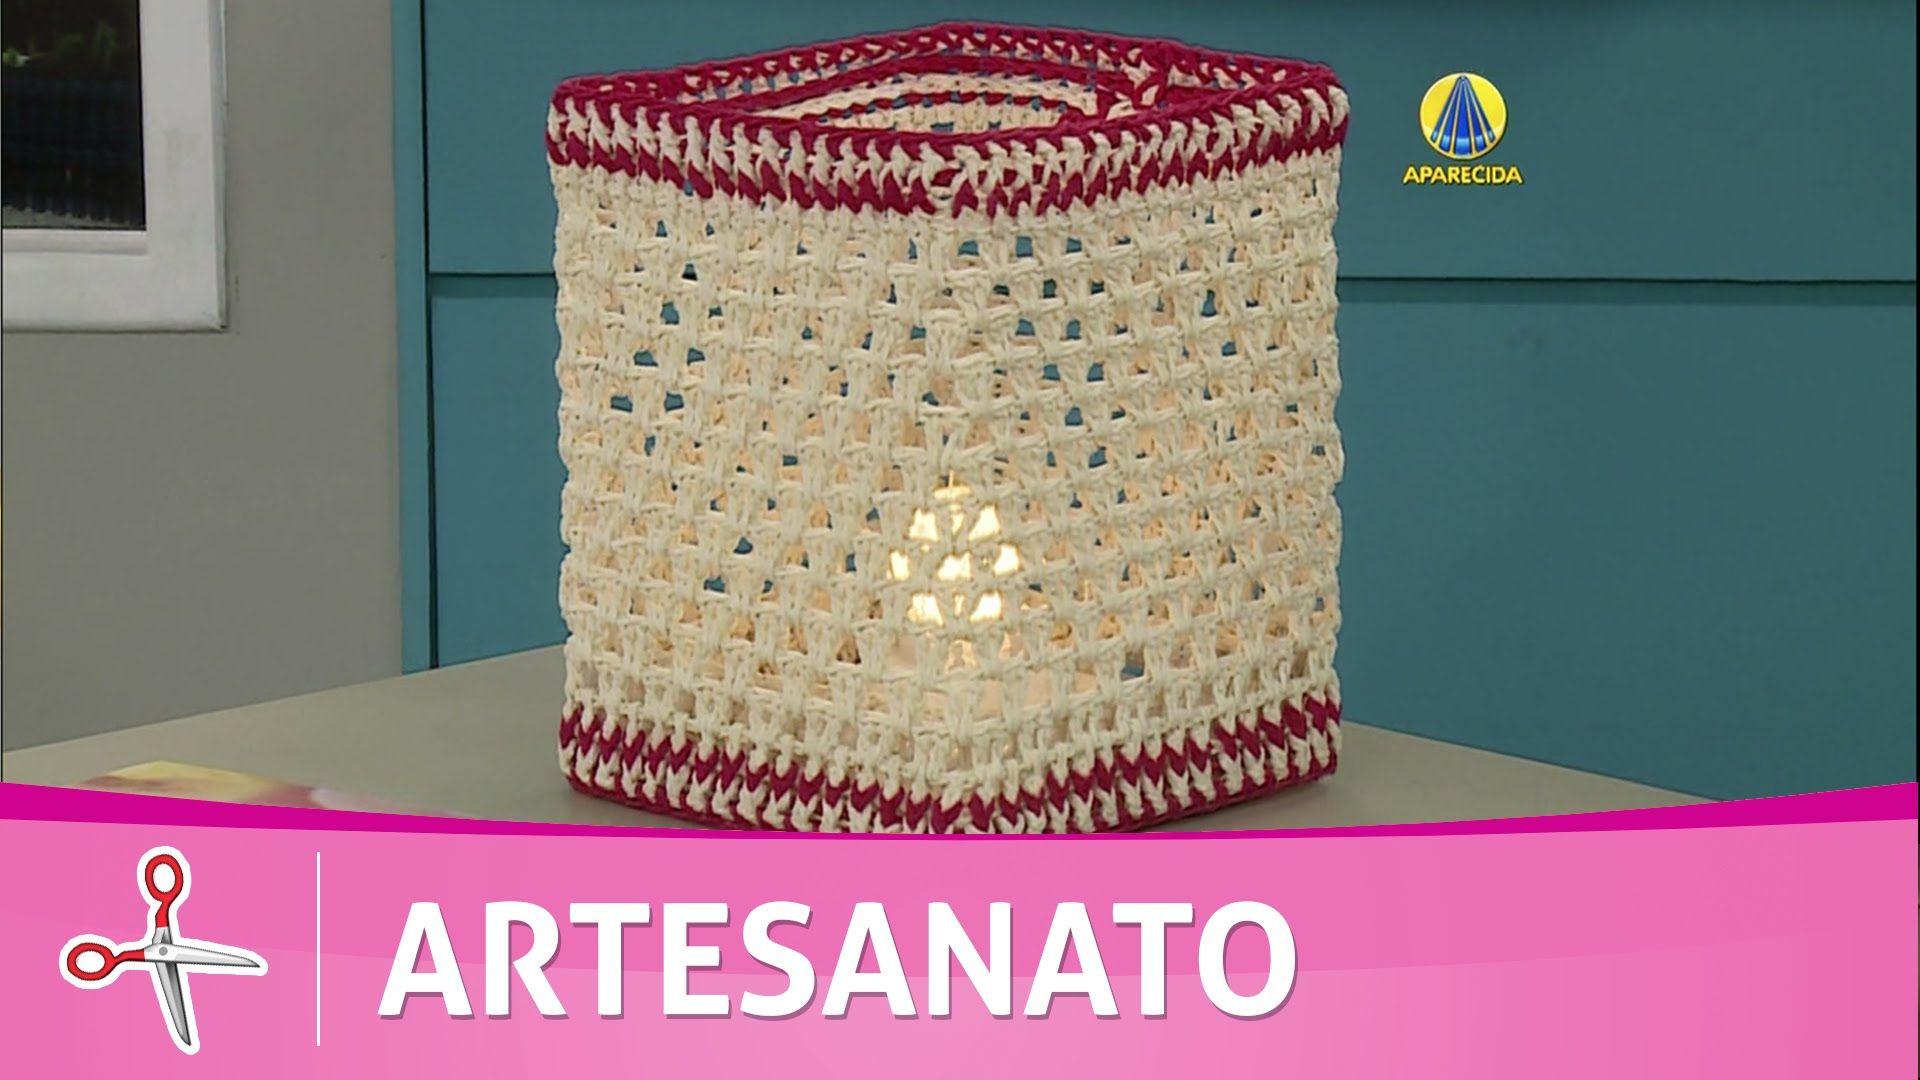 Artesanato Tv Aparecida Vida Com Arte ~ REDE APARECIDA A TV de Nossa Senhora http  www A12 com tvaparecida http  facebook com